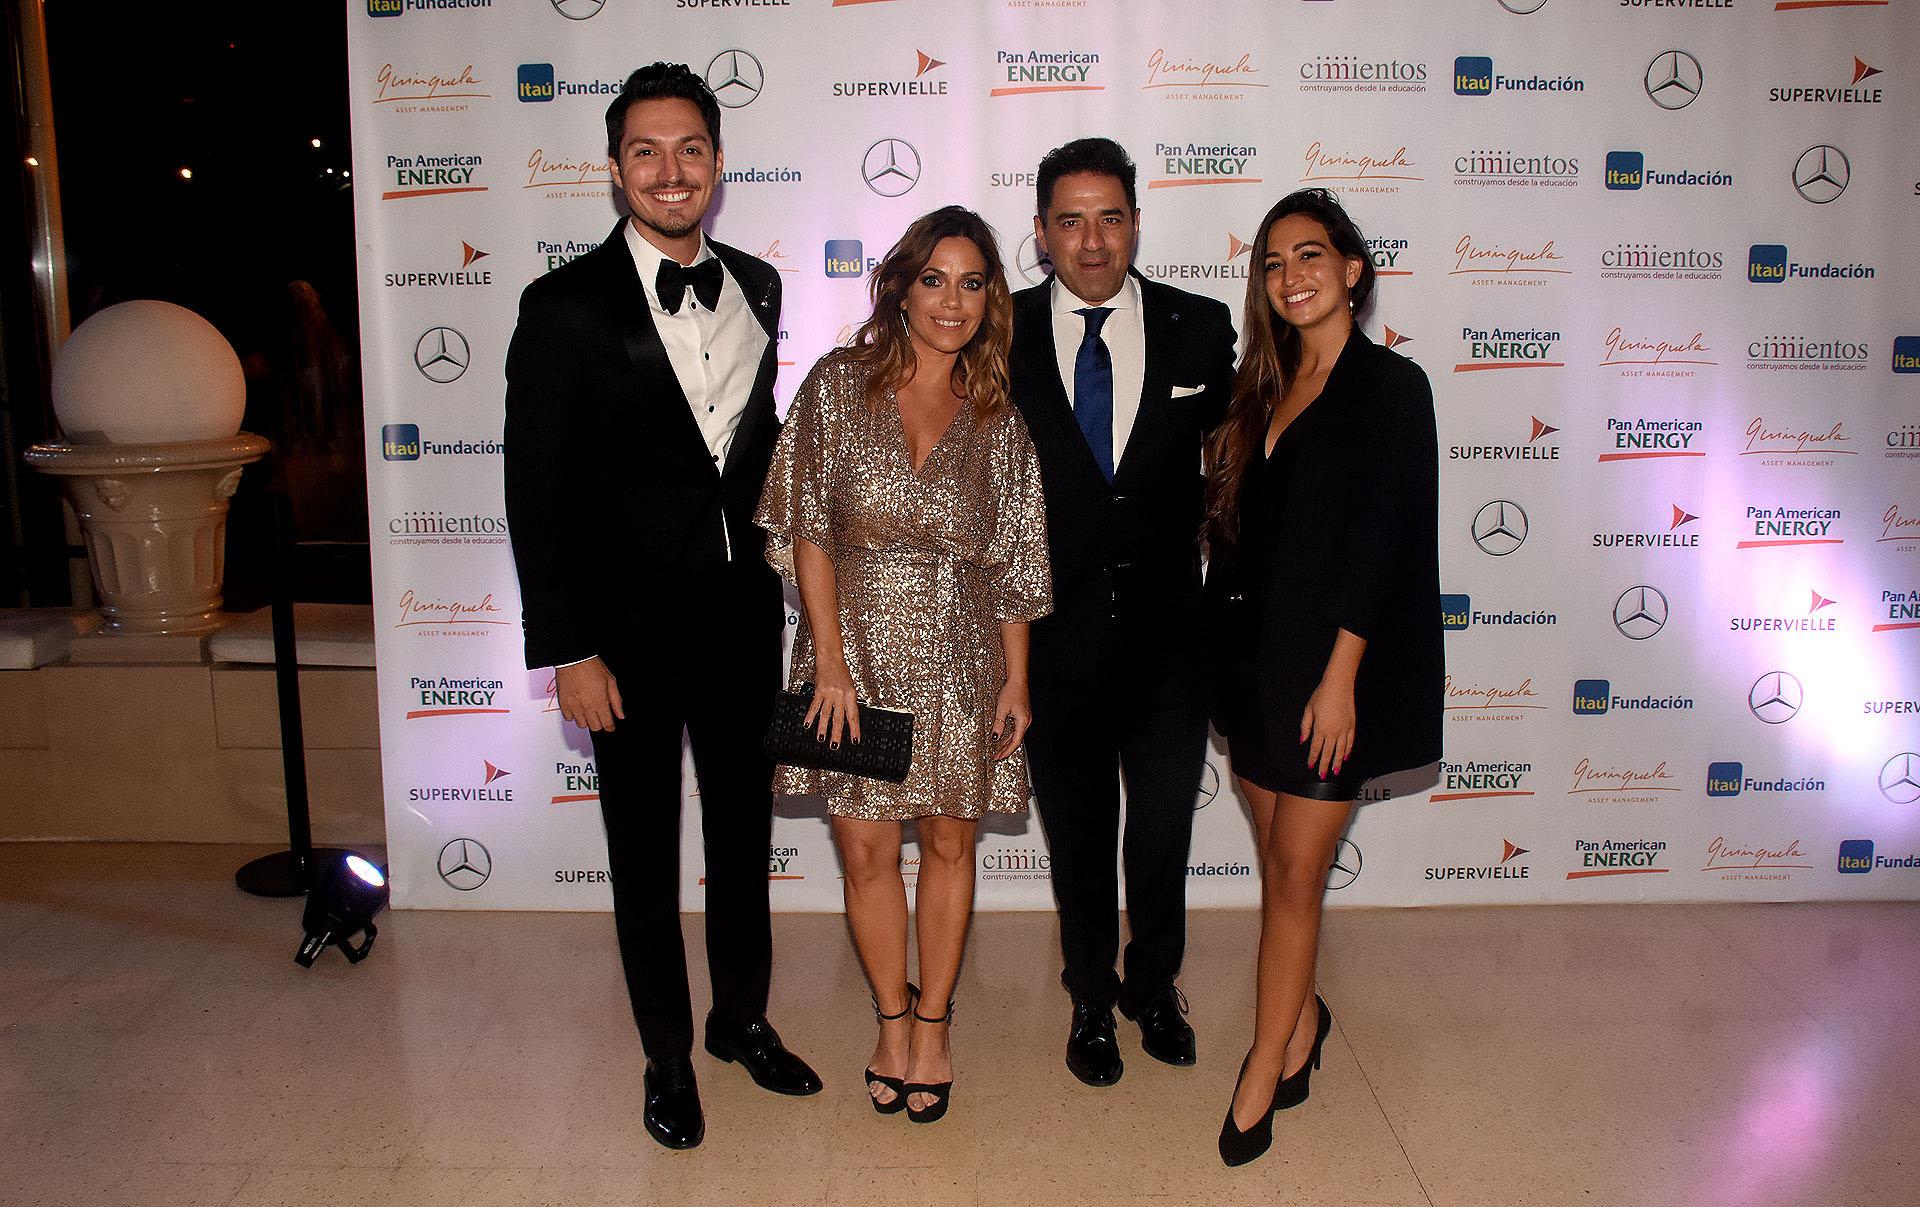 Guido Zaffora, Pía Shaw, Mariano Iúdica y Camila Hadad